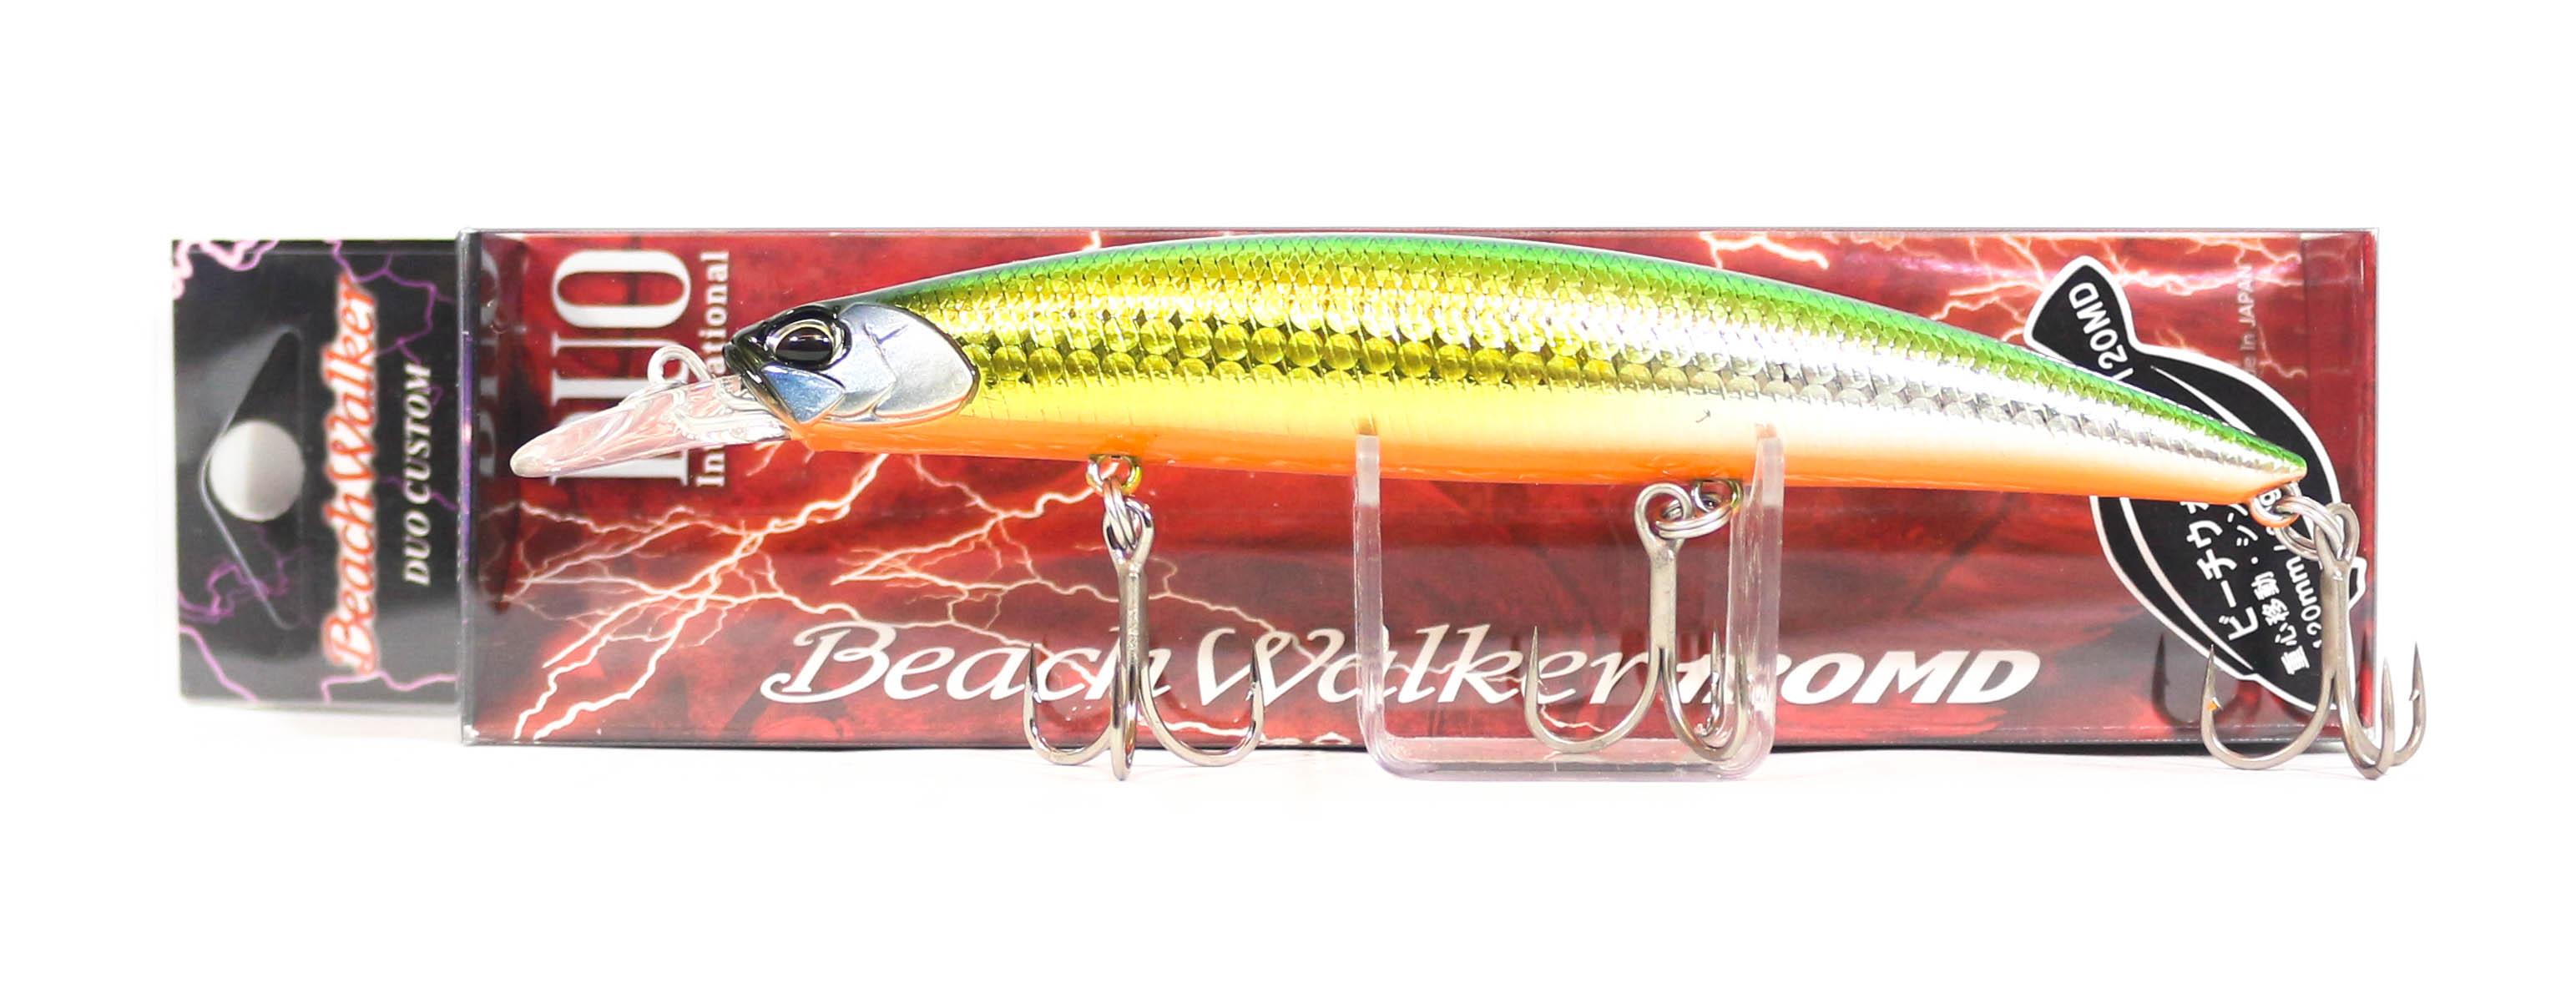 Duo Beach Walker 120 MD Sinking Lure DBA0344 (4737)